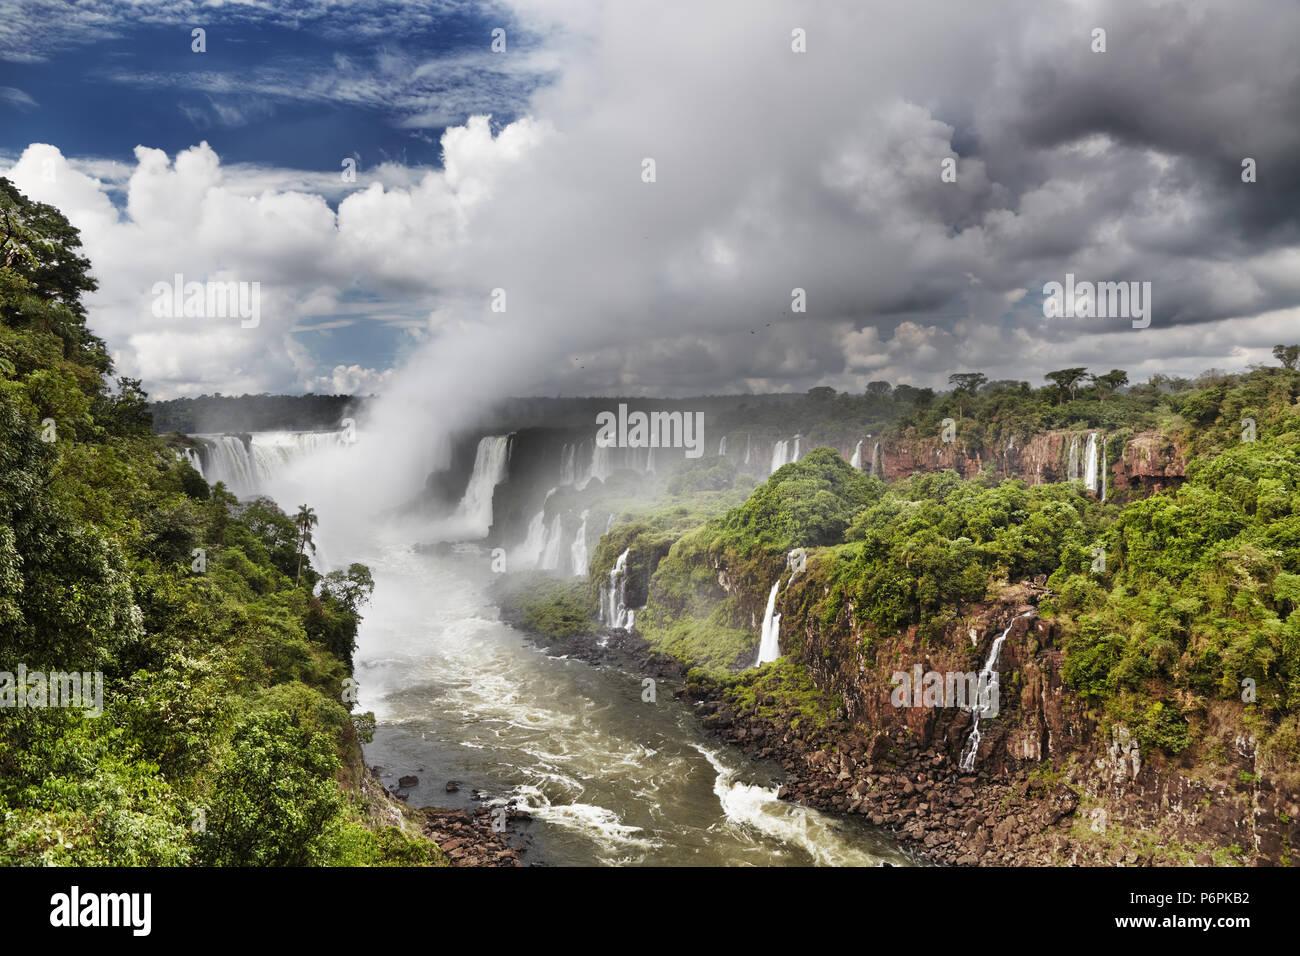 Iguaçu-Wasserfälle, die grössten Wasserfälle der Welt, an der brasilianischen und argentinischen Grenze gelegen, Blick von der brasilianischen Seite Stockbild